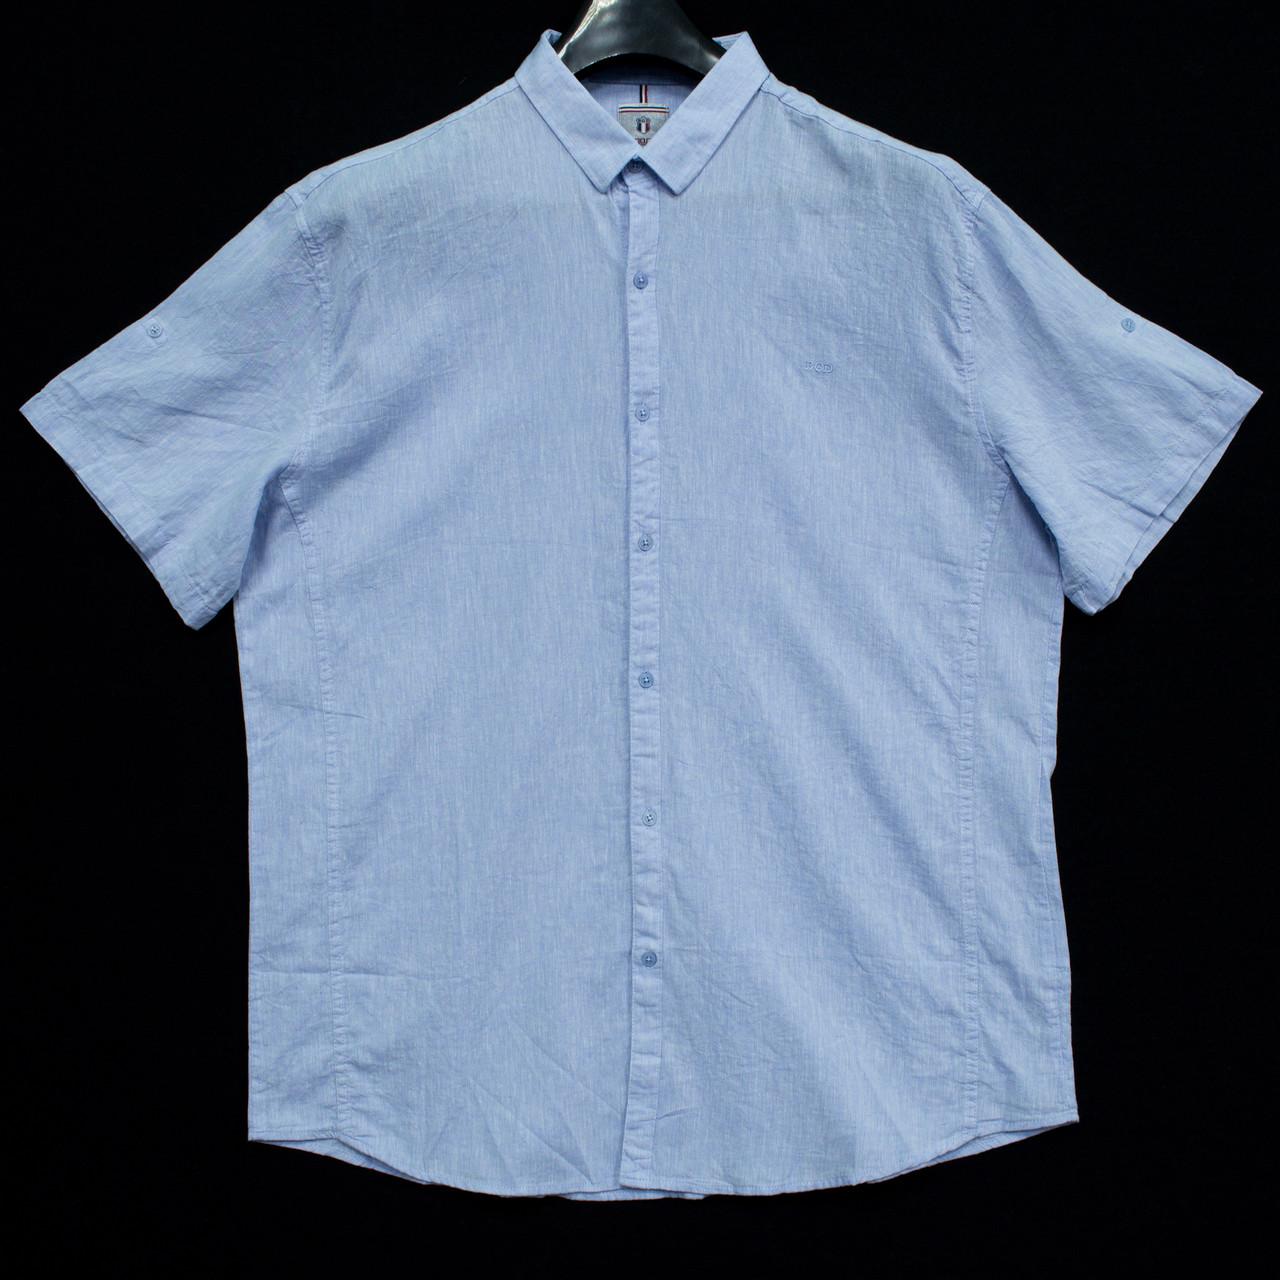 Сорочка чоловіча (приталена) з коротким рукавом Bagarda BG5727-B01 BLUE 80% льон 20% бавовна 6XL(Р)